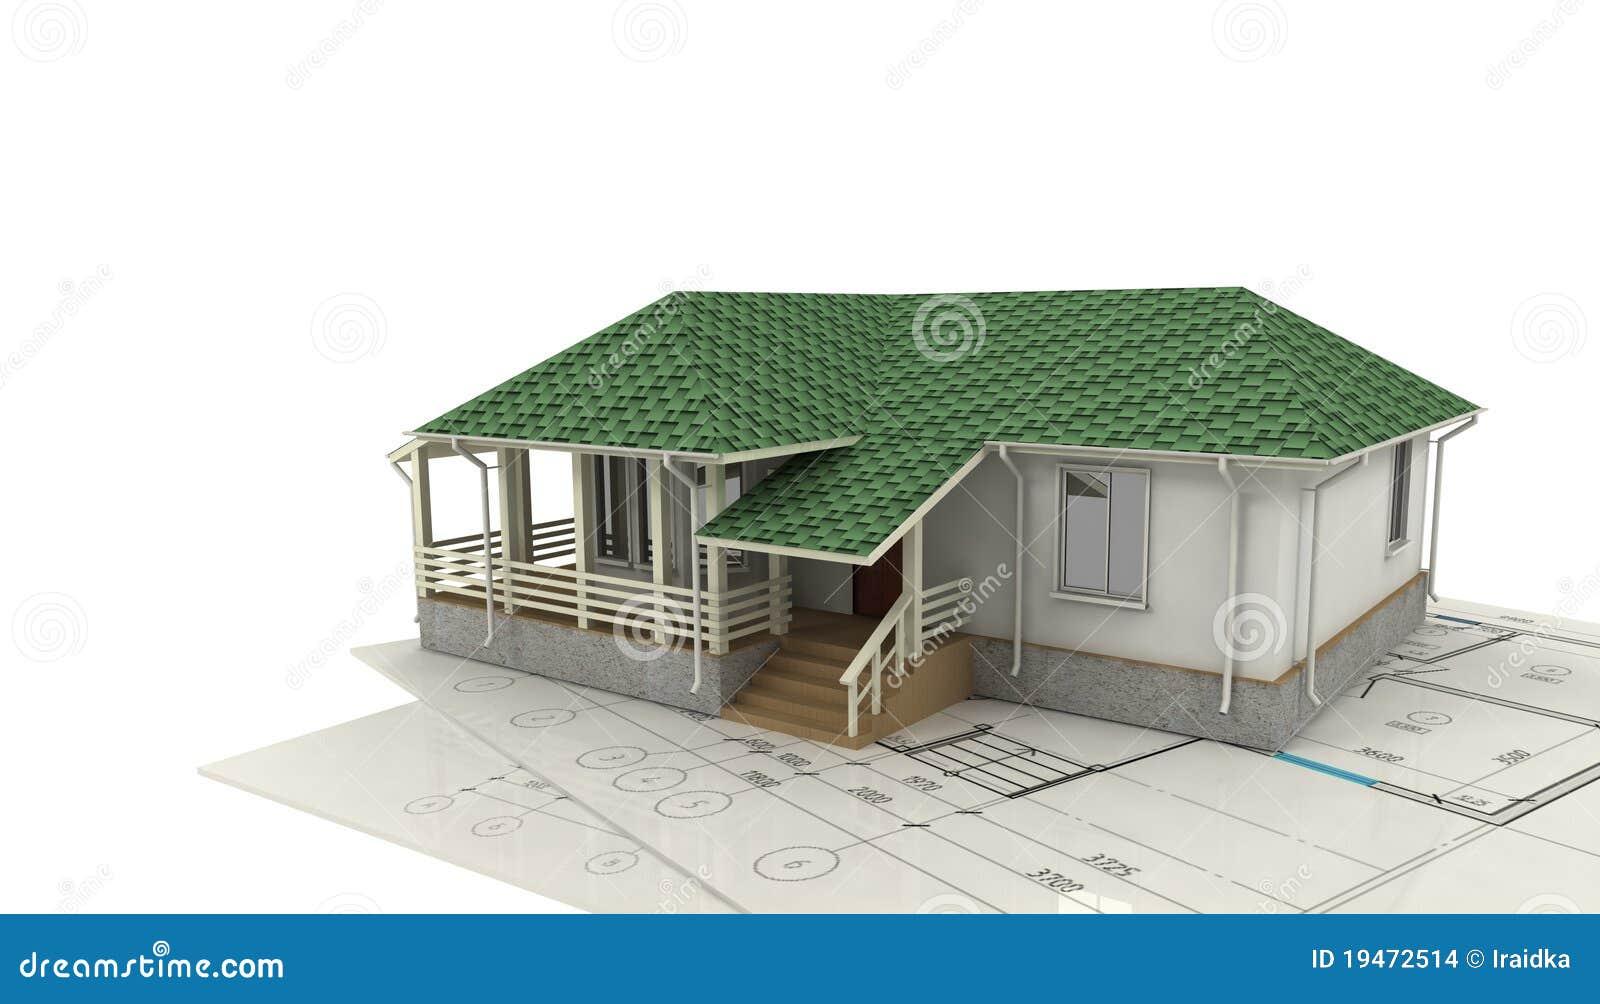 Tekening van het huis en zijn 3d model stock afbeeldingen afbeelding 19472514 - Amenager een voorgerecht van het huis ...